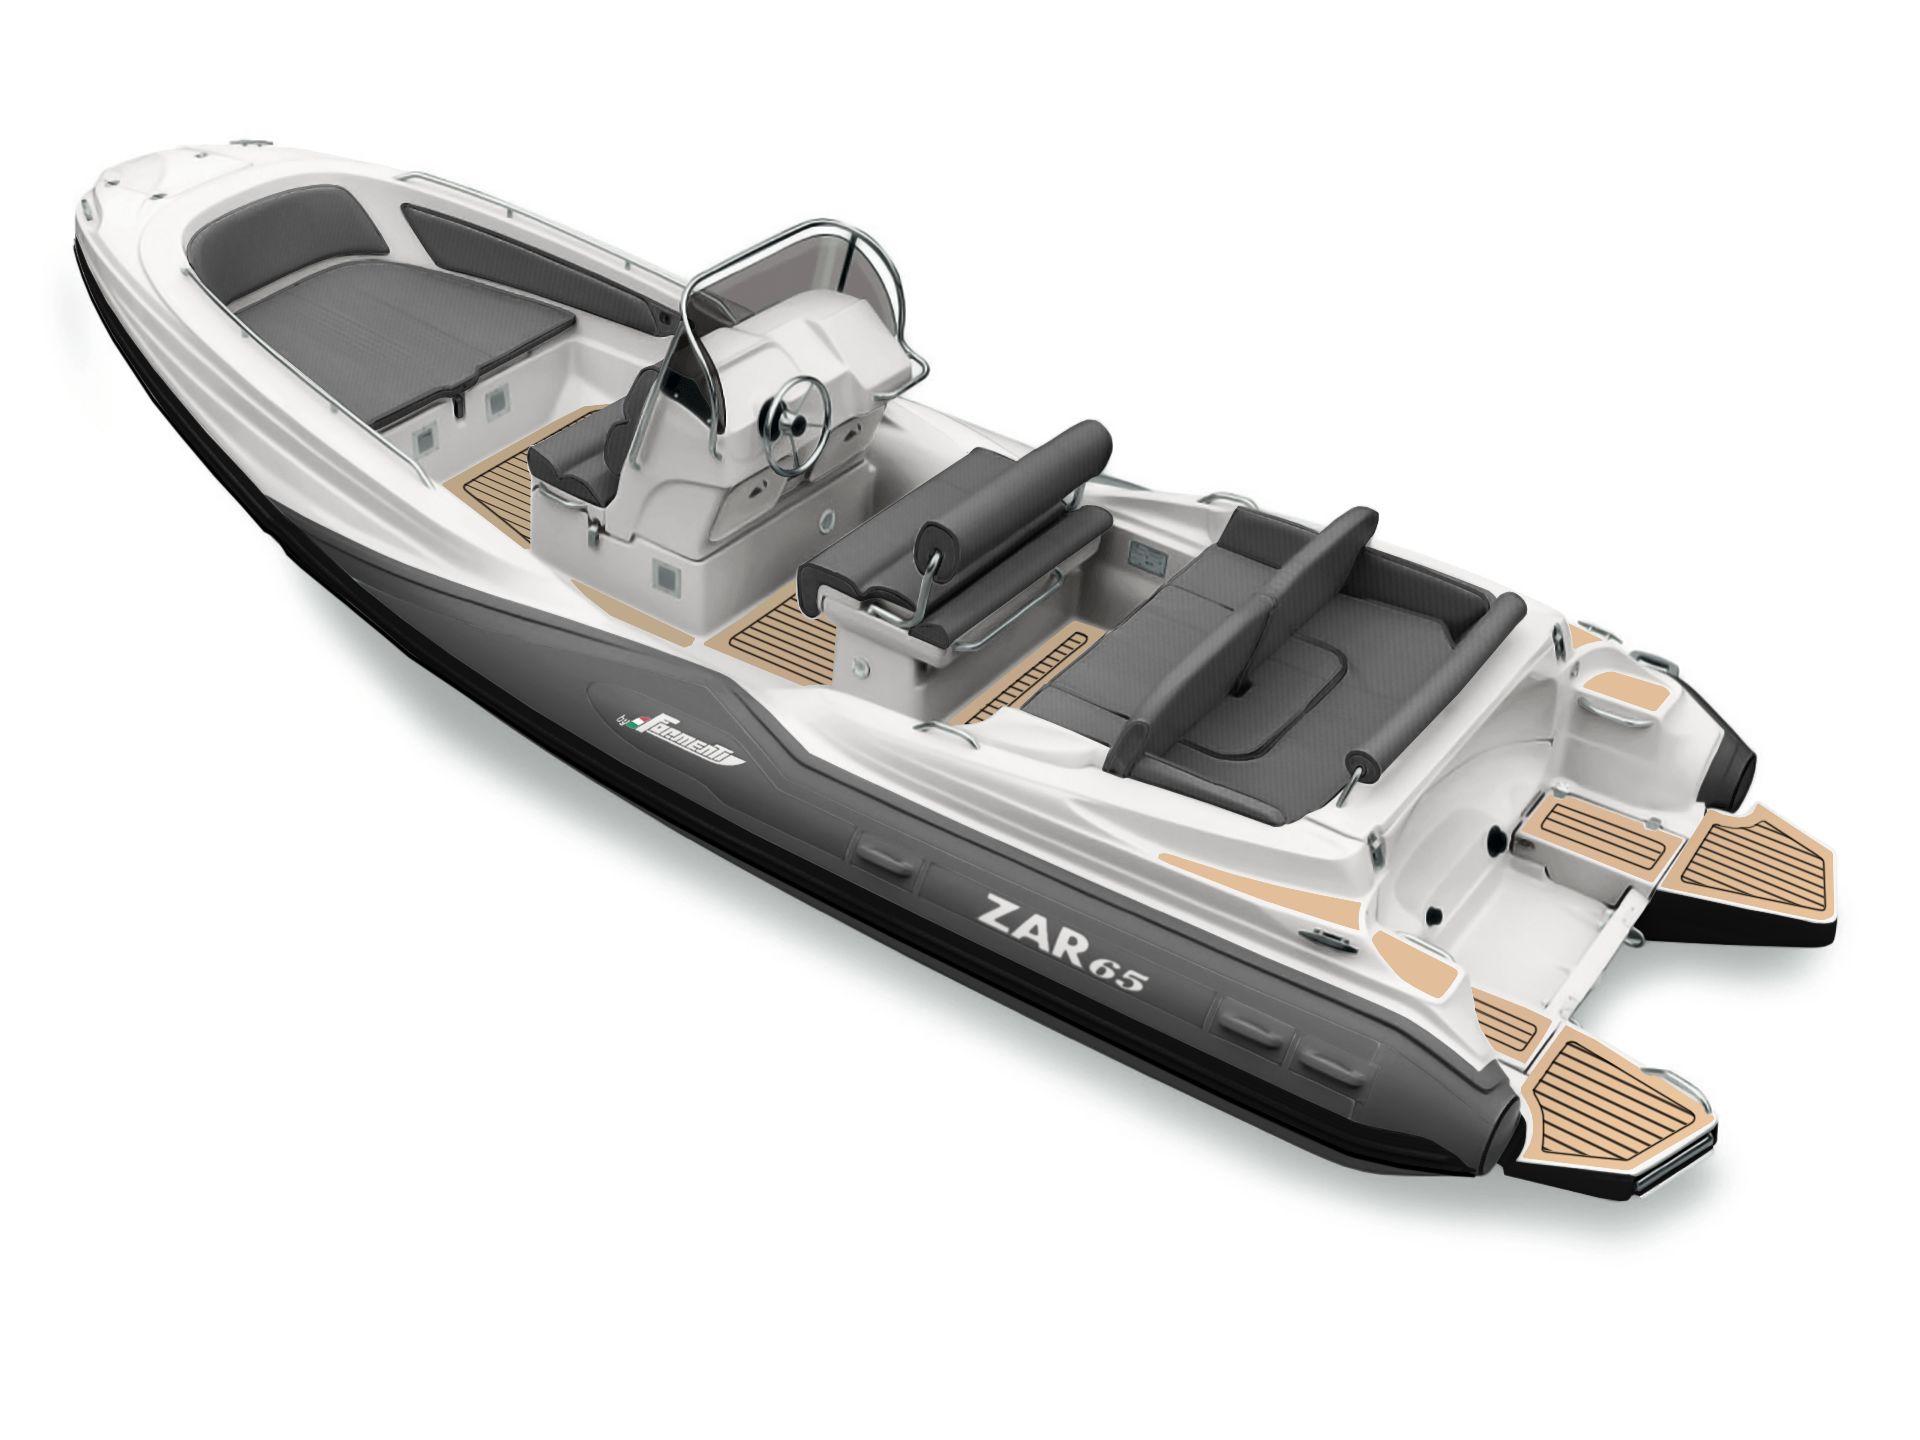 ZAR 65 Classic Luxury